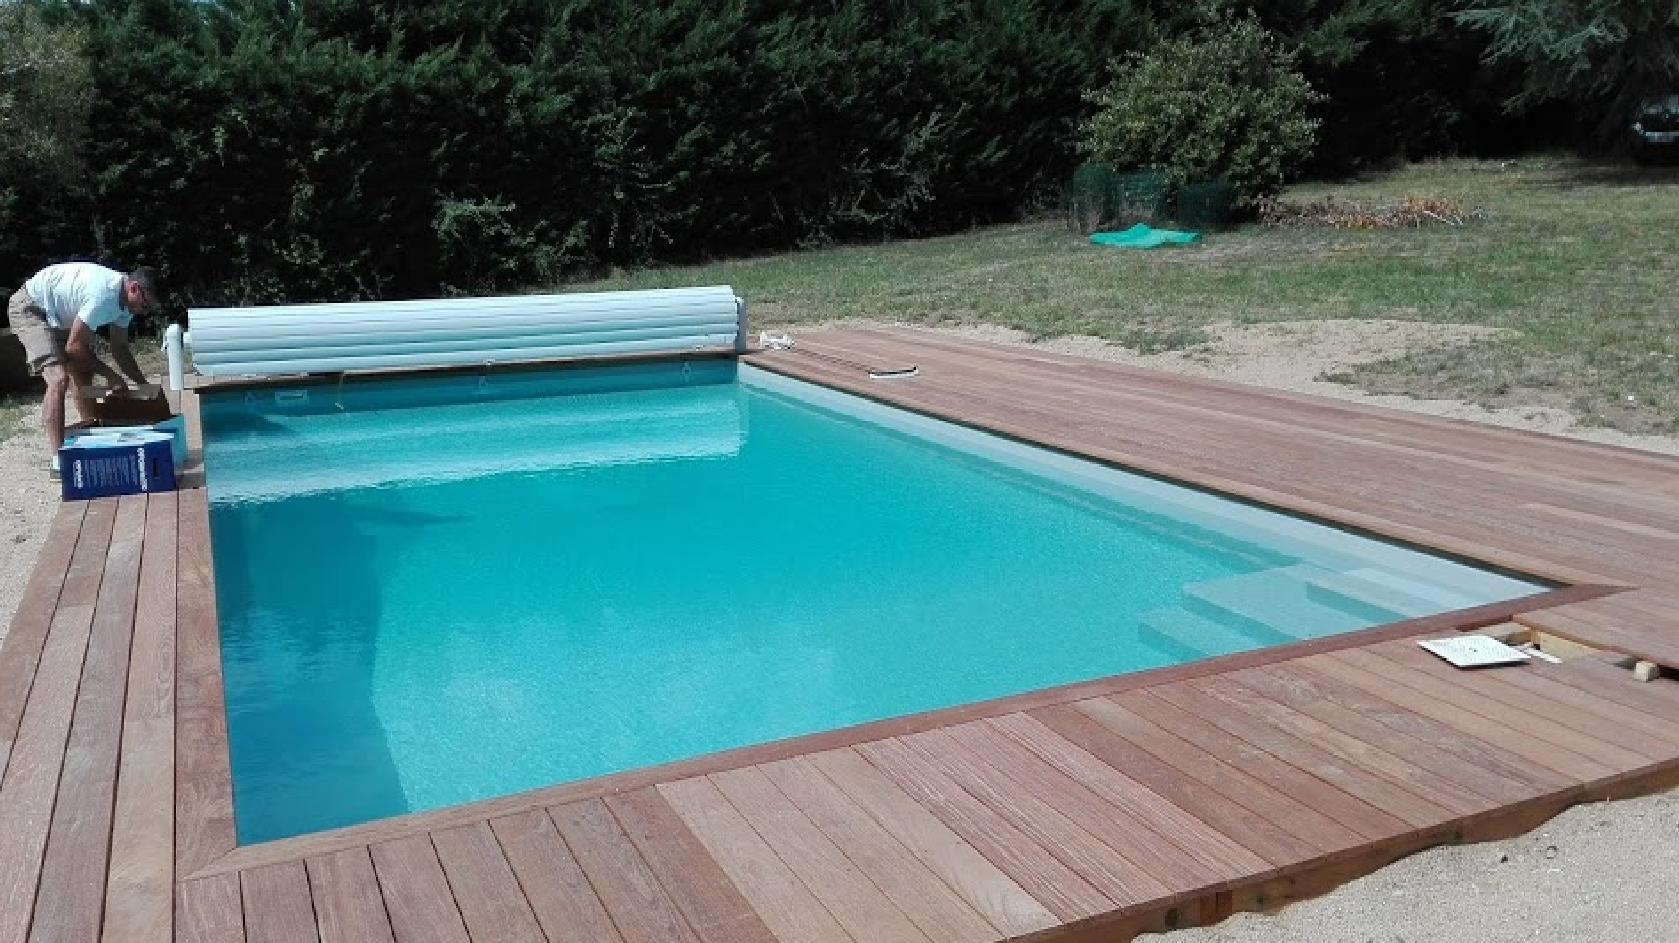 Rénovation De Piscine En Vendée Pool And Co Vous Accompagne dedans Piscine Challans